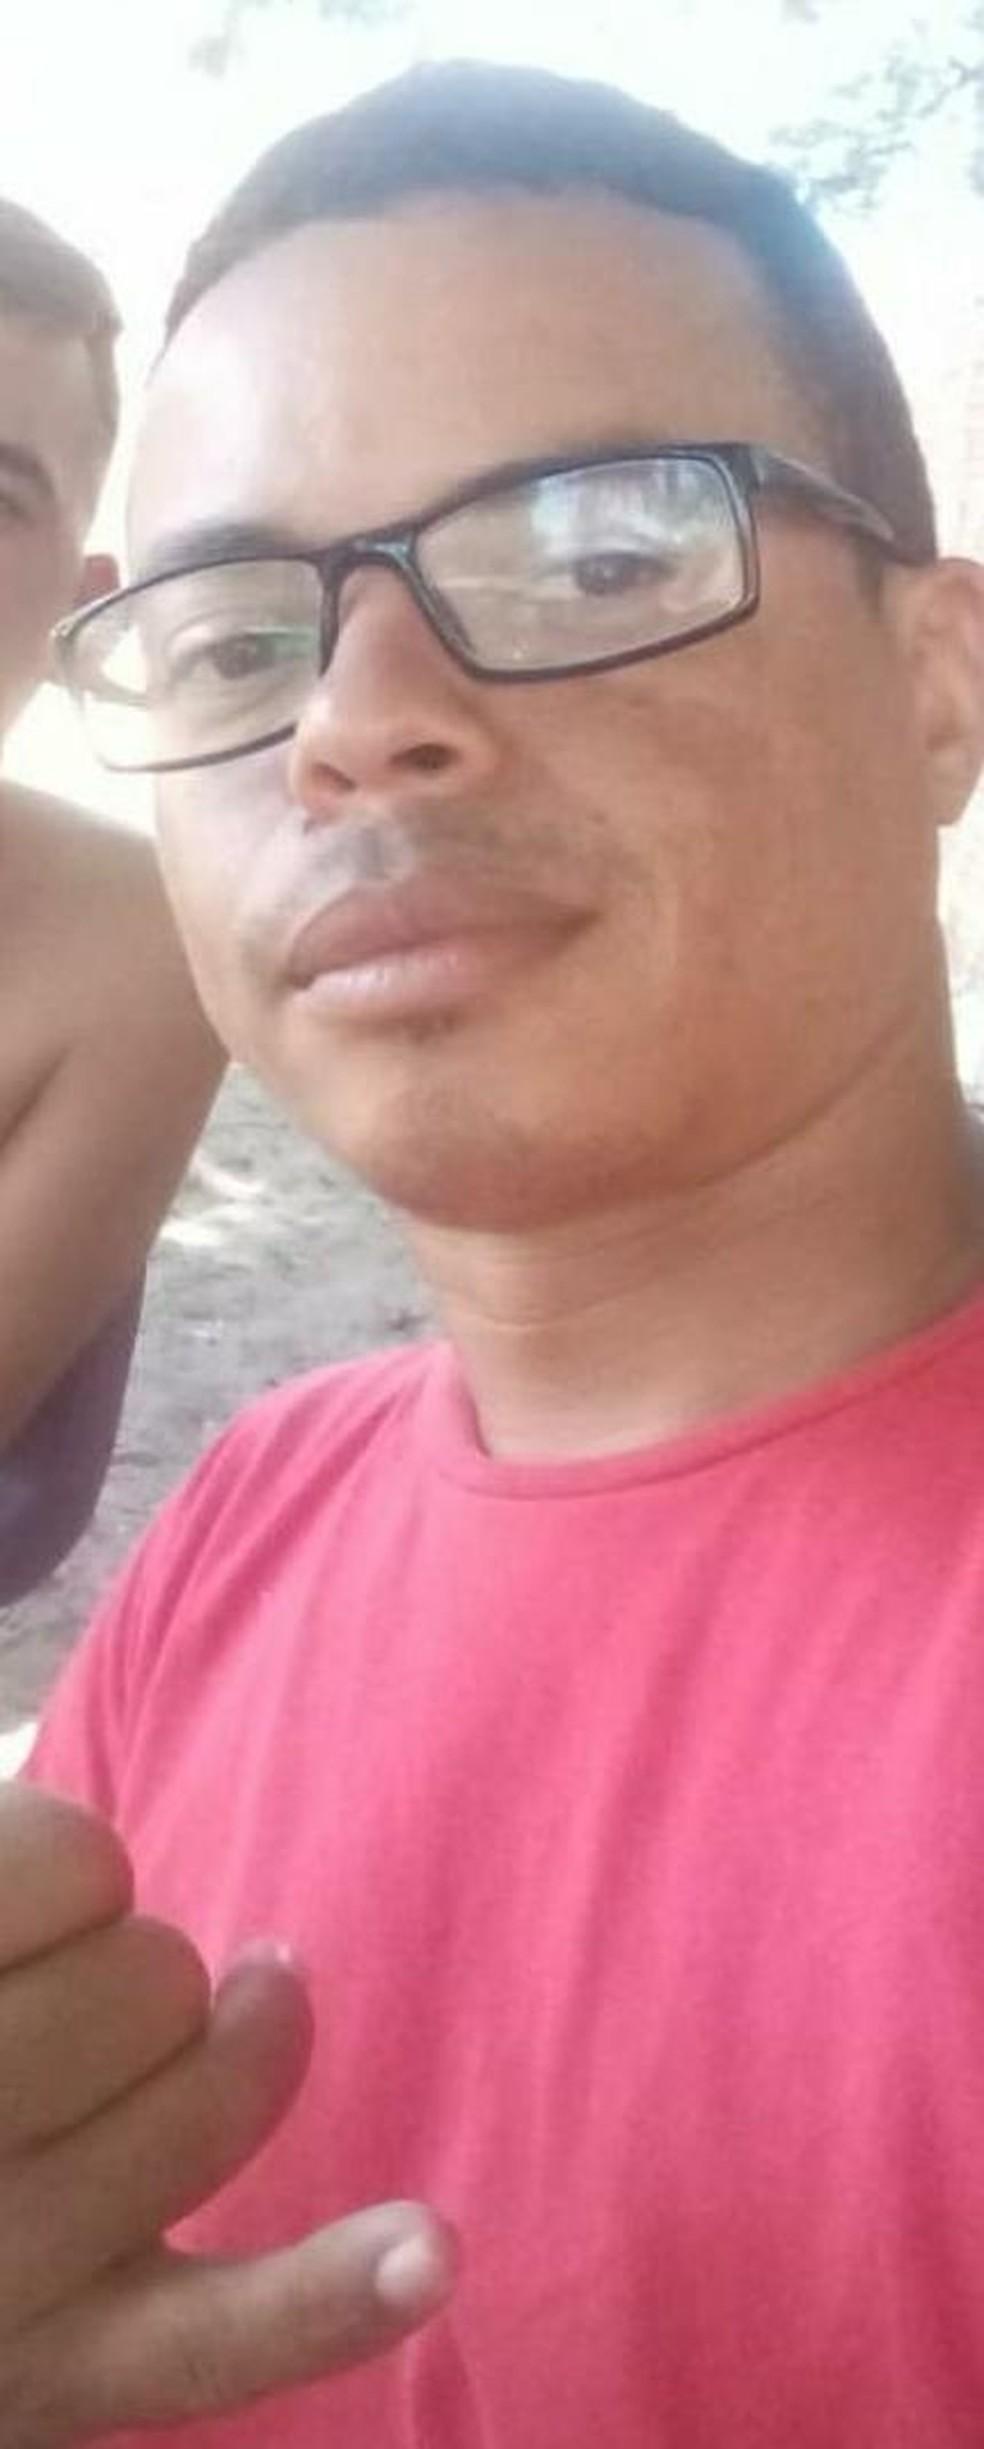 Gustavo Queiroz Elias, de 30 anos, foi executado a tiros em Extremoz, na Grande Natal. — Foto: Reprodução